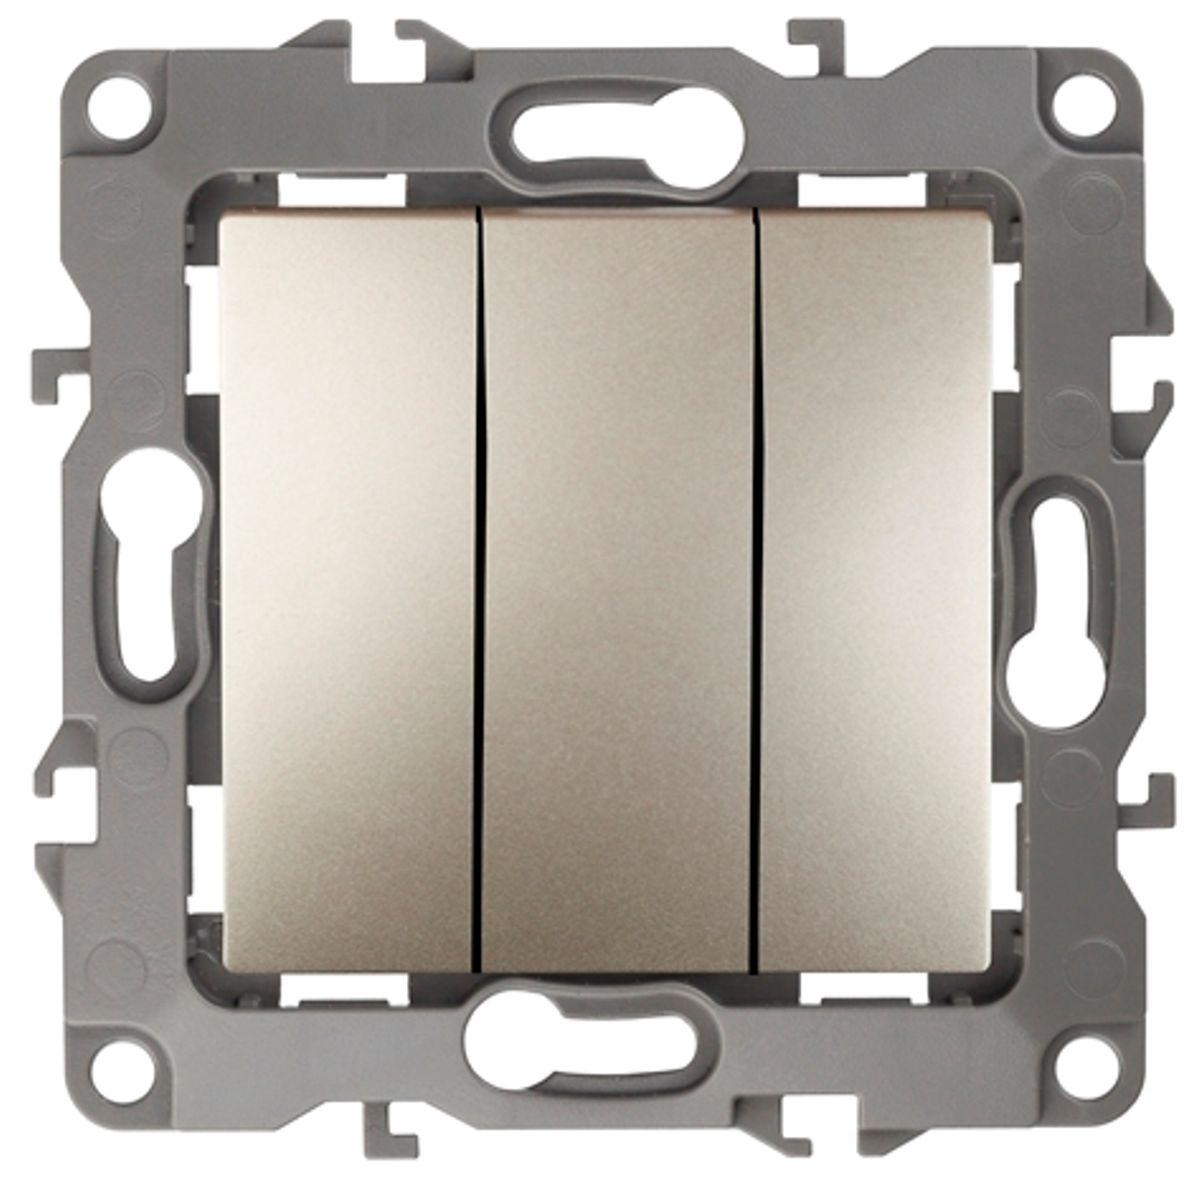 Выключатель ЭРА, тройной, цвет: шампань, серый. 12-110712-1107-04Тройной выключатель ЭРА выполнен из прочного пластика, контакты бронзовые. Изделие просто в установке, надежно в эксплуатации. Выключатель имеет специальные фиксаторы, которые не дают ему смещаться как при монтаже, так и в процессе эксплуатации. Автоматические зажимы кабеля обеспечивают быстрый и надежный монтаж изделия к электросети без отвертки и не требуют обслуживания в отличие от винтовых зажимов.